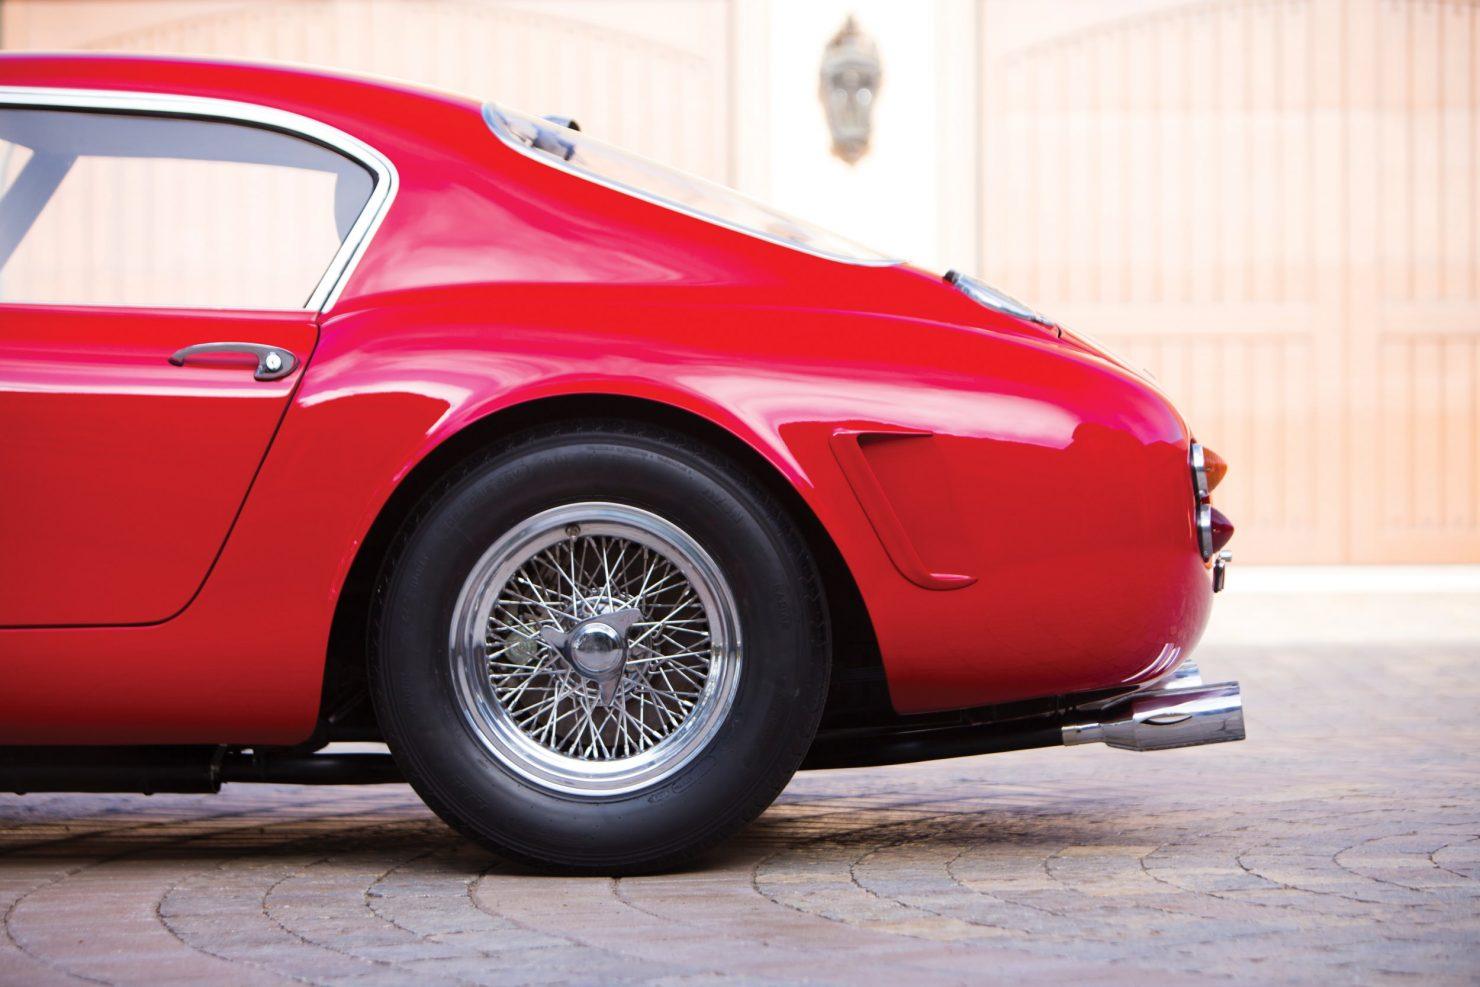 ferrari 250 gt swb car 9 1480x987 - 1960 Ferrari 250 GT SWB Competizione